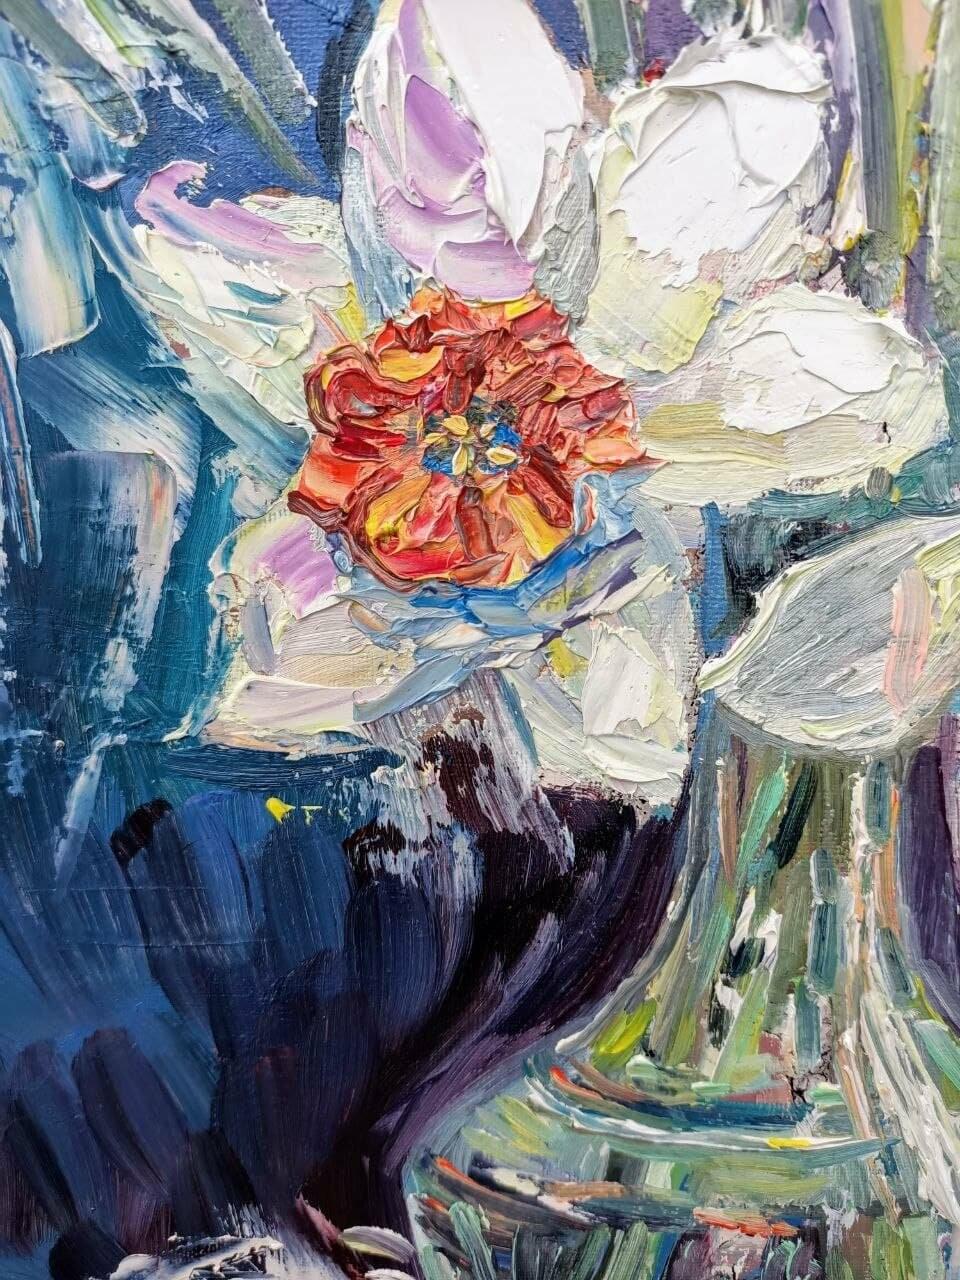 Продаж картин, галерея Браво ART, фото-17